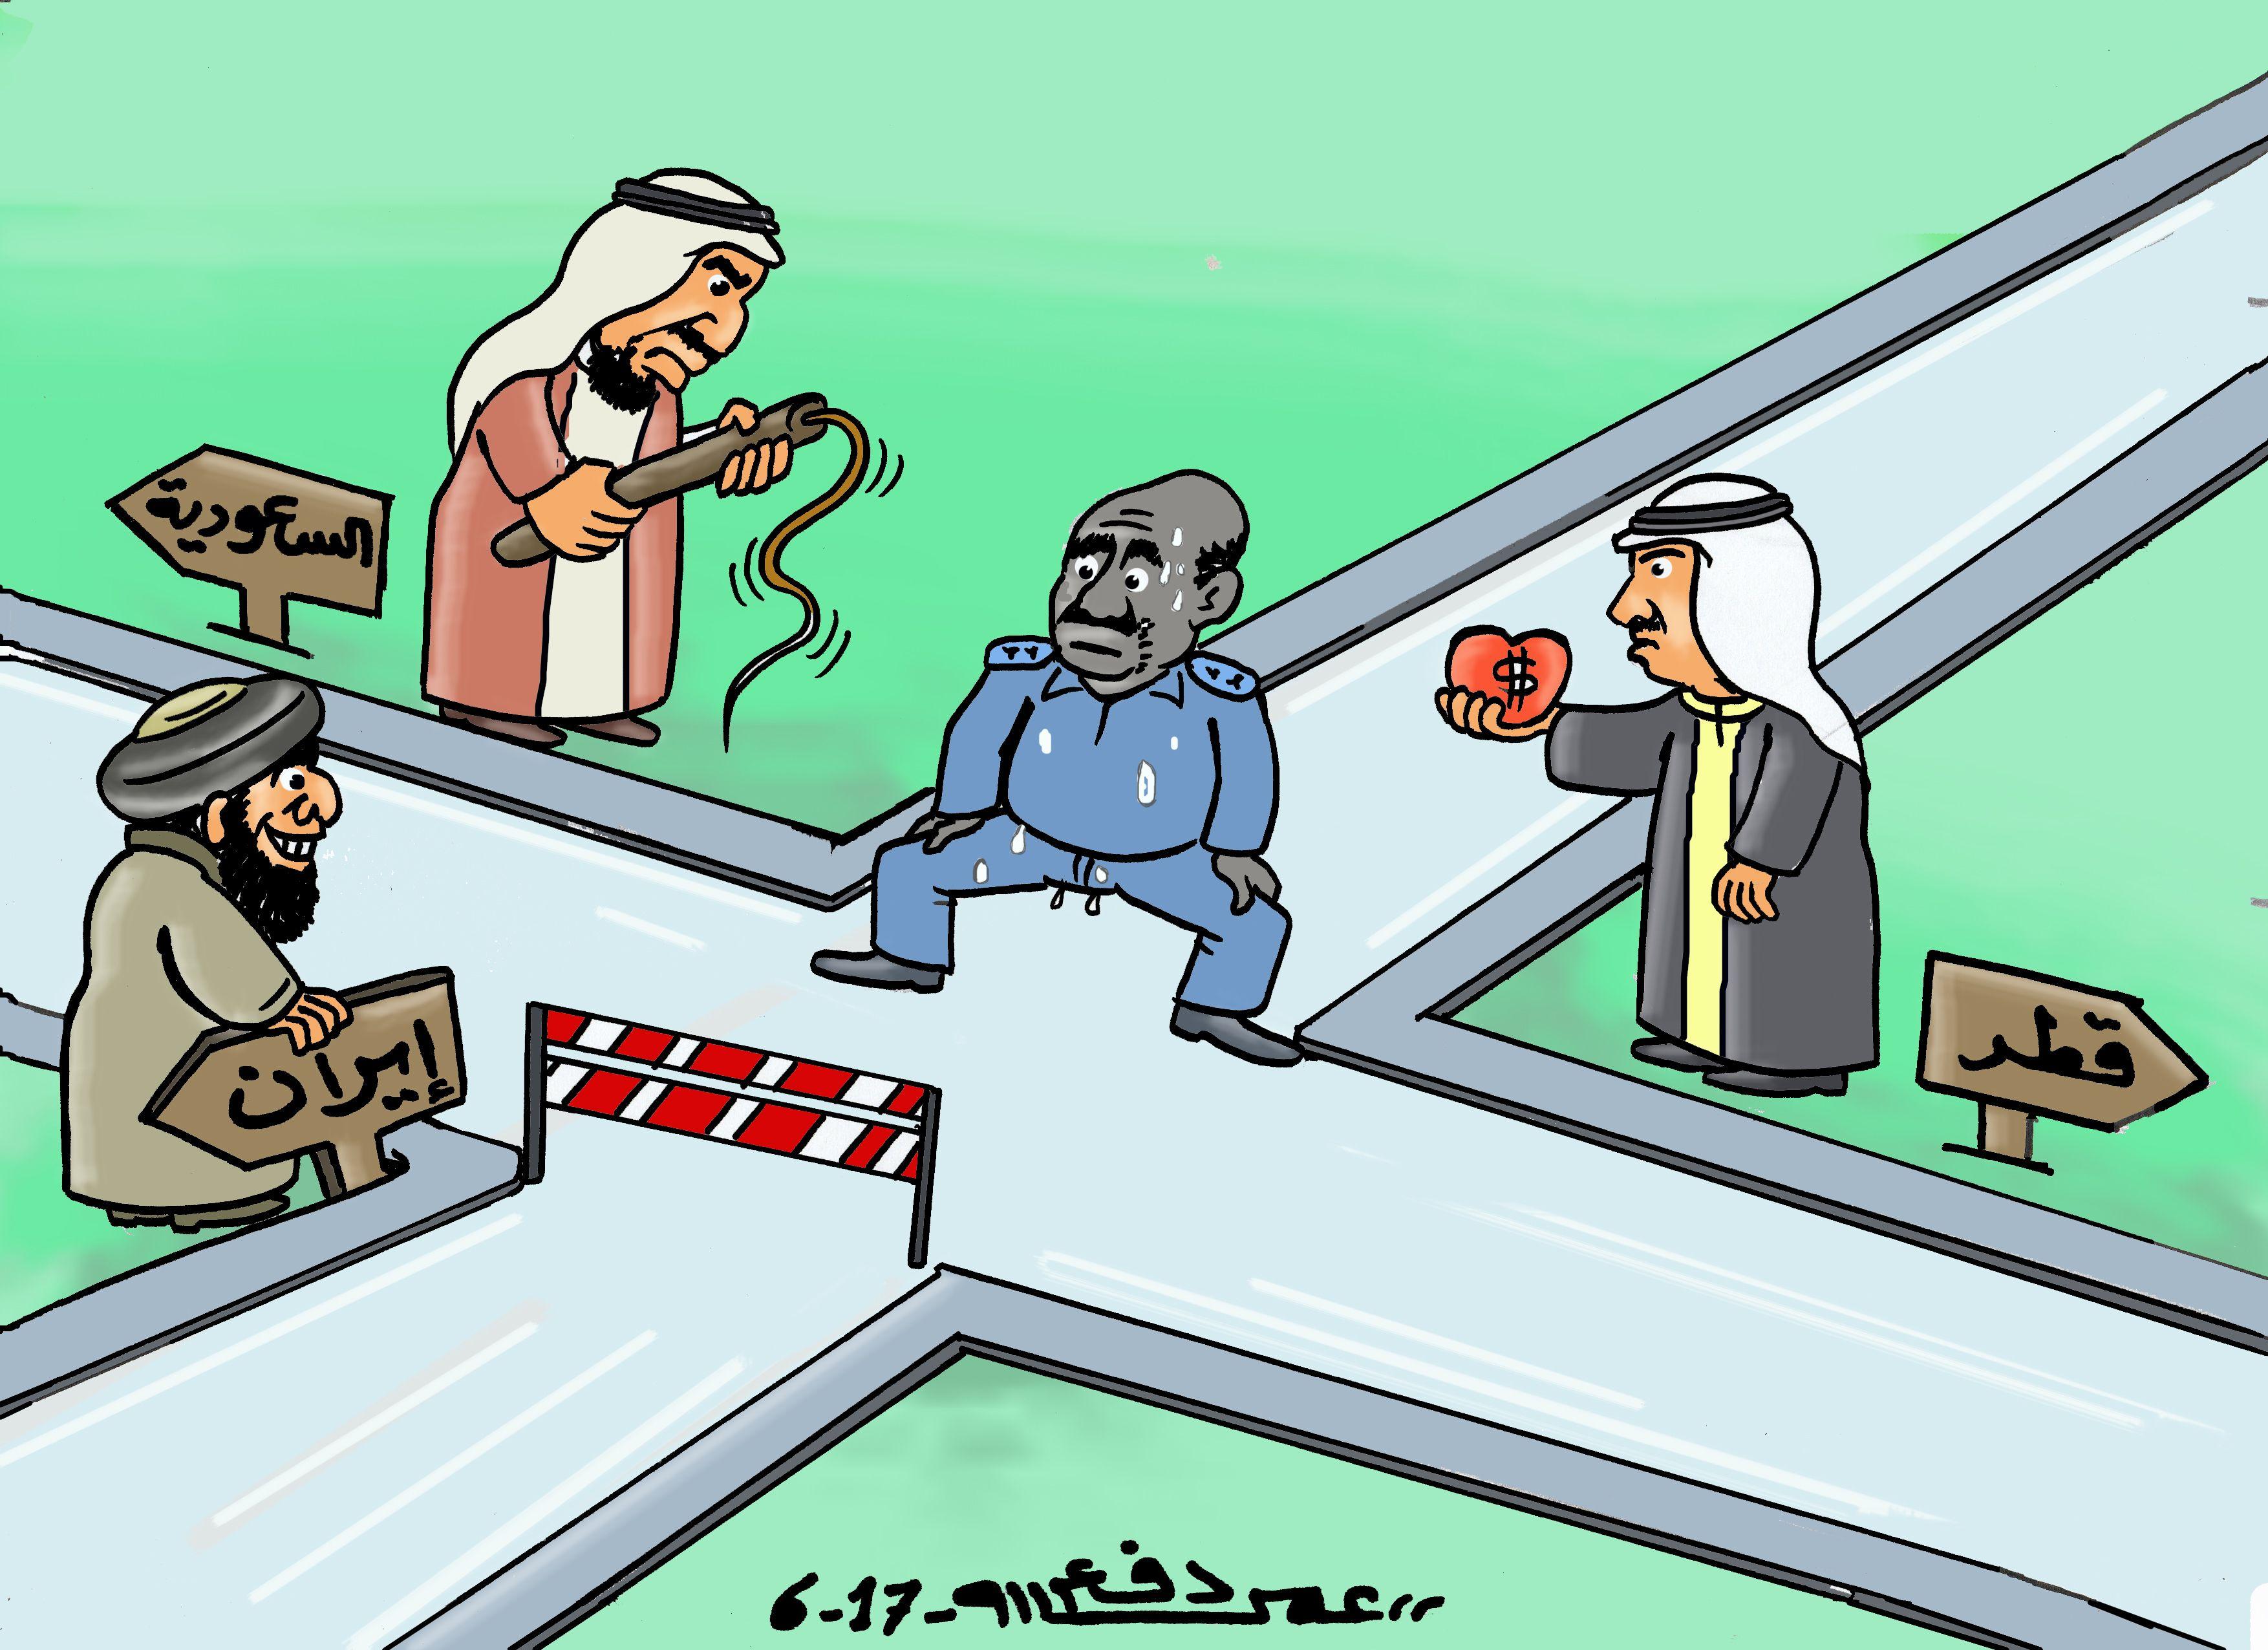 كاركاتير اليوم الموافق 06 يونيو 2017 للفنان عمر دفع الله عن السودان و الخلاف الخليجي